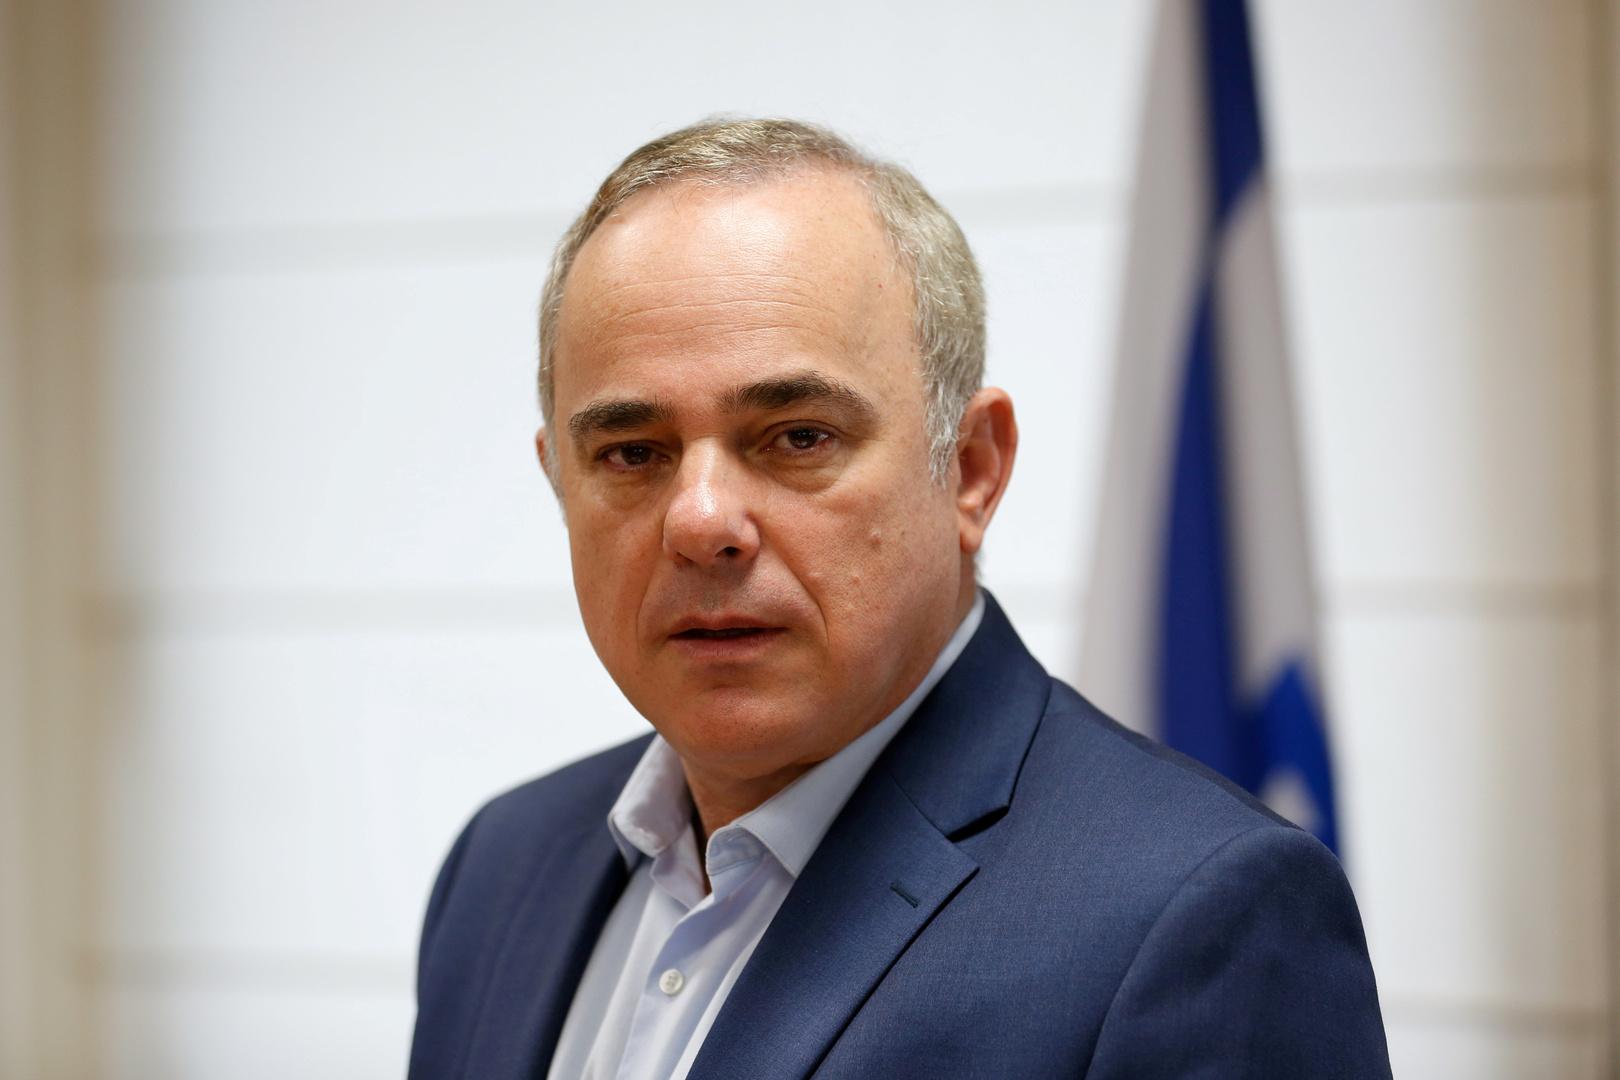 وزير الطاقة الإسرائيلي: سنرد على الخطوات اللبنانية أحادية الجانب بخطوات موازية